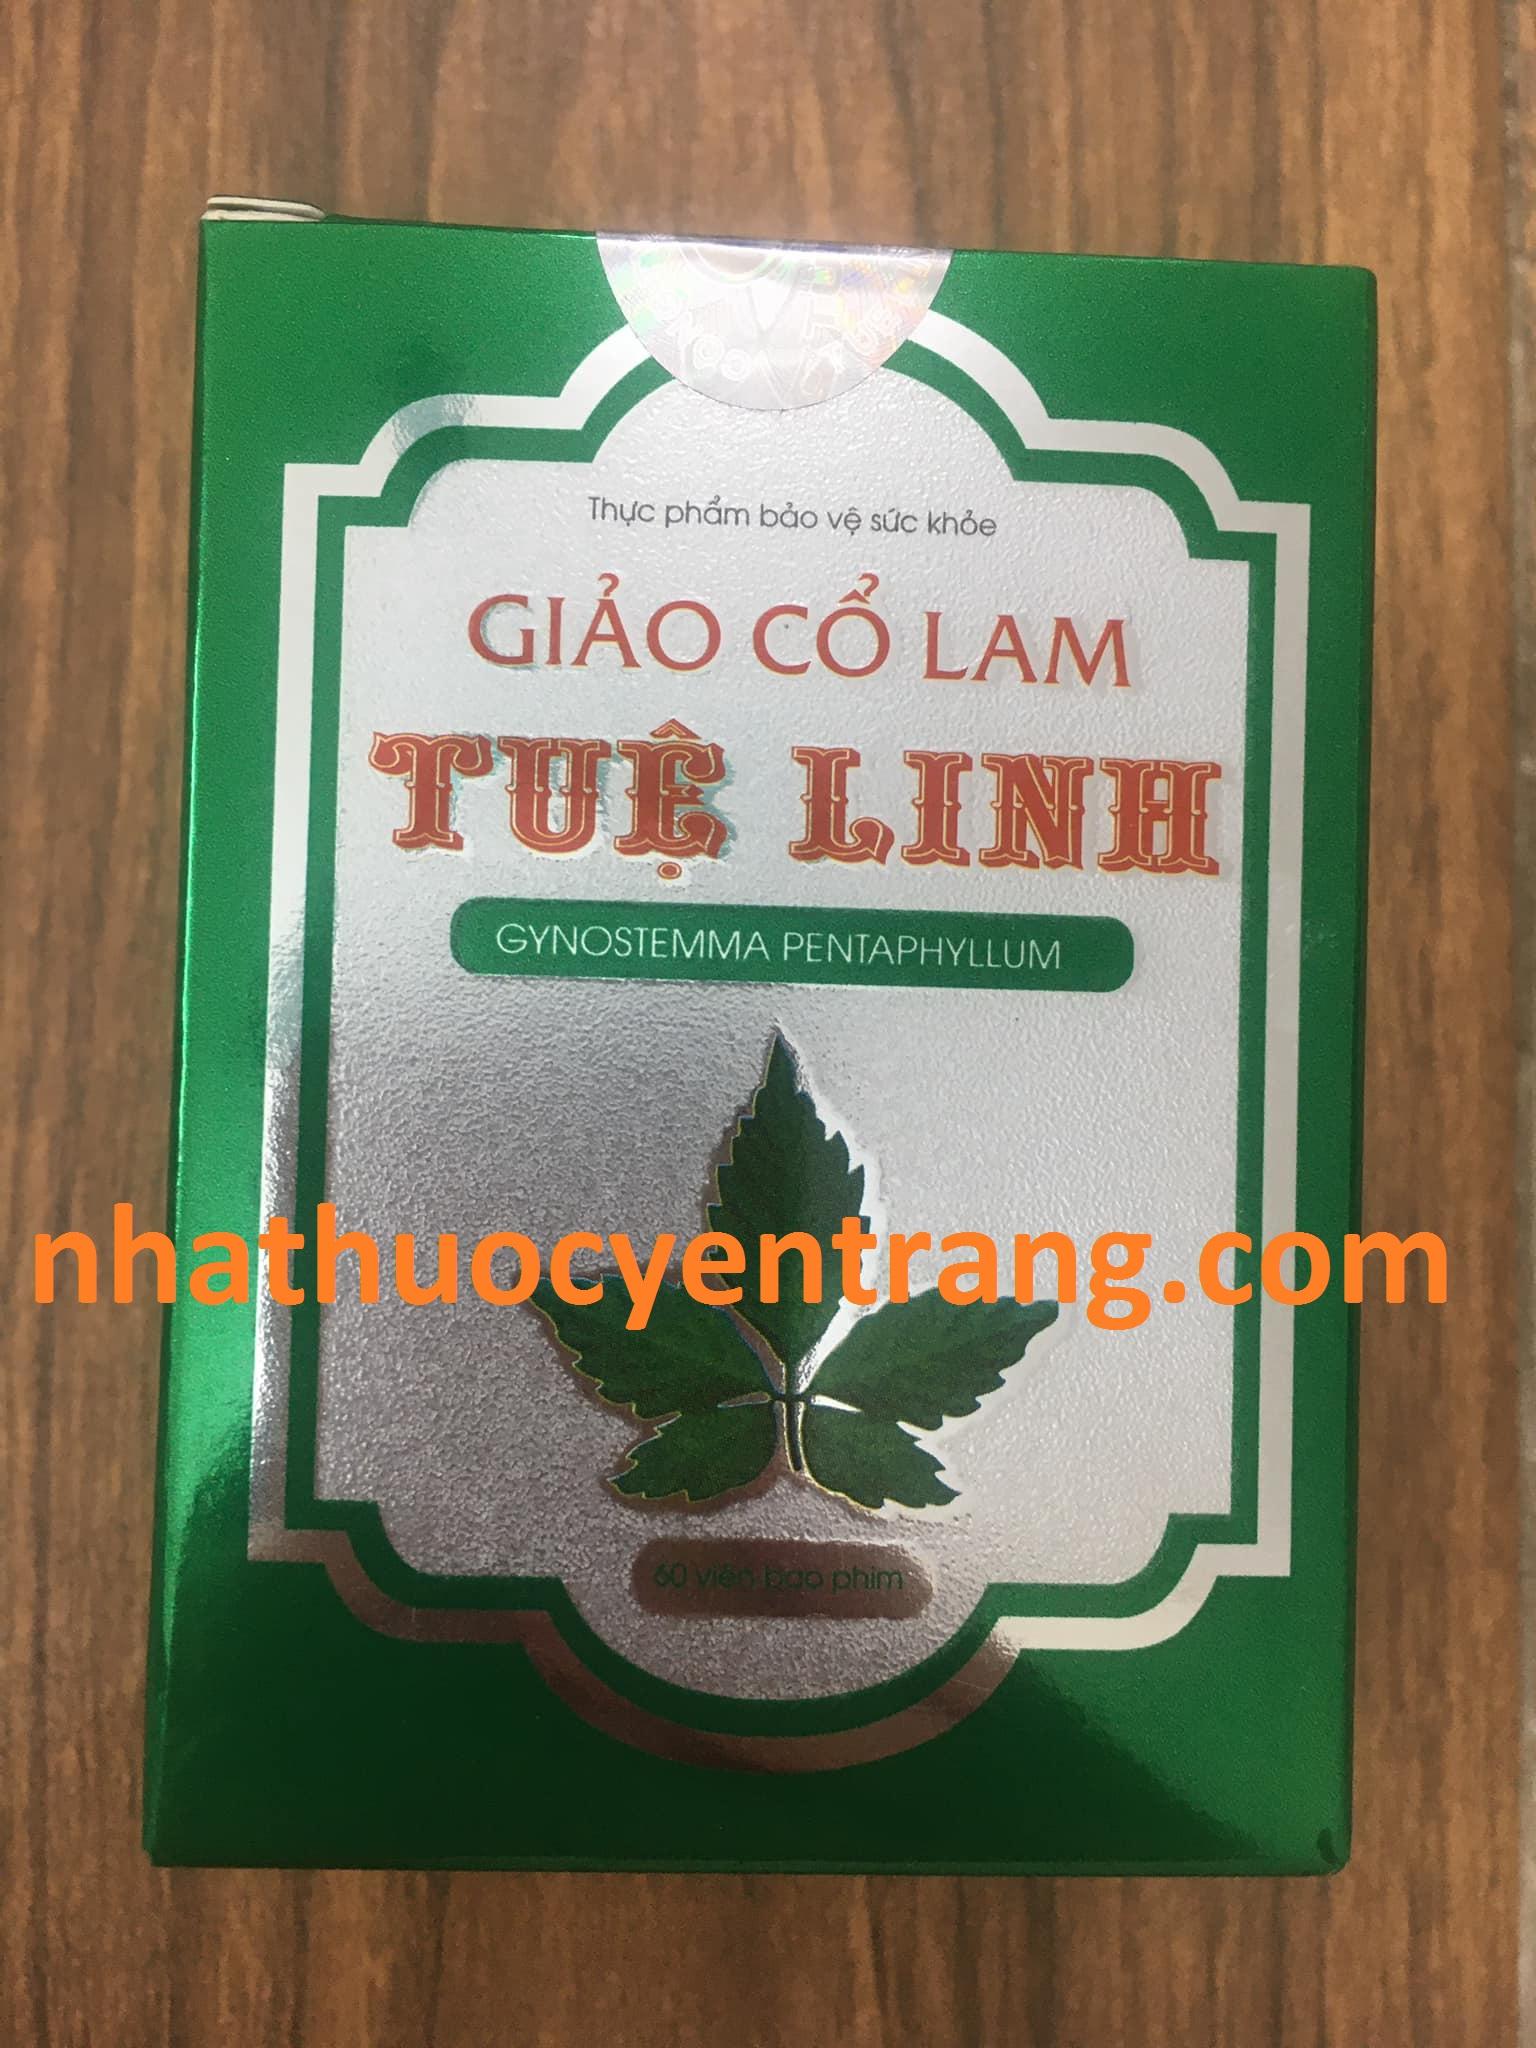 Giảo Cổ Lam Tuệ Linh (60 viên)